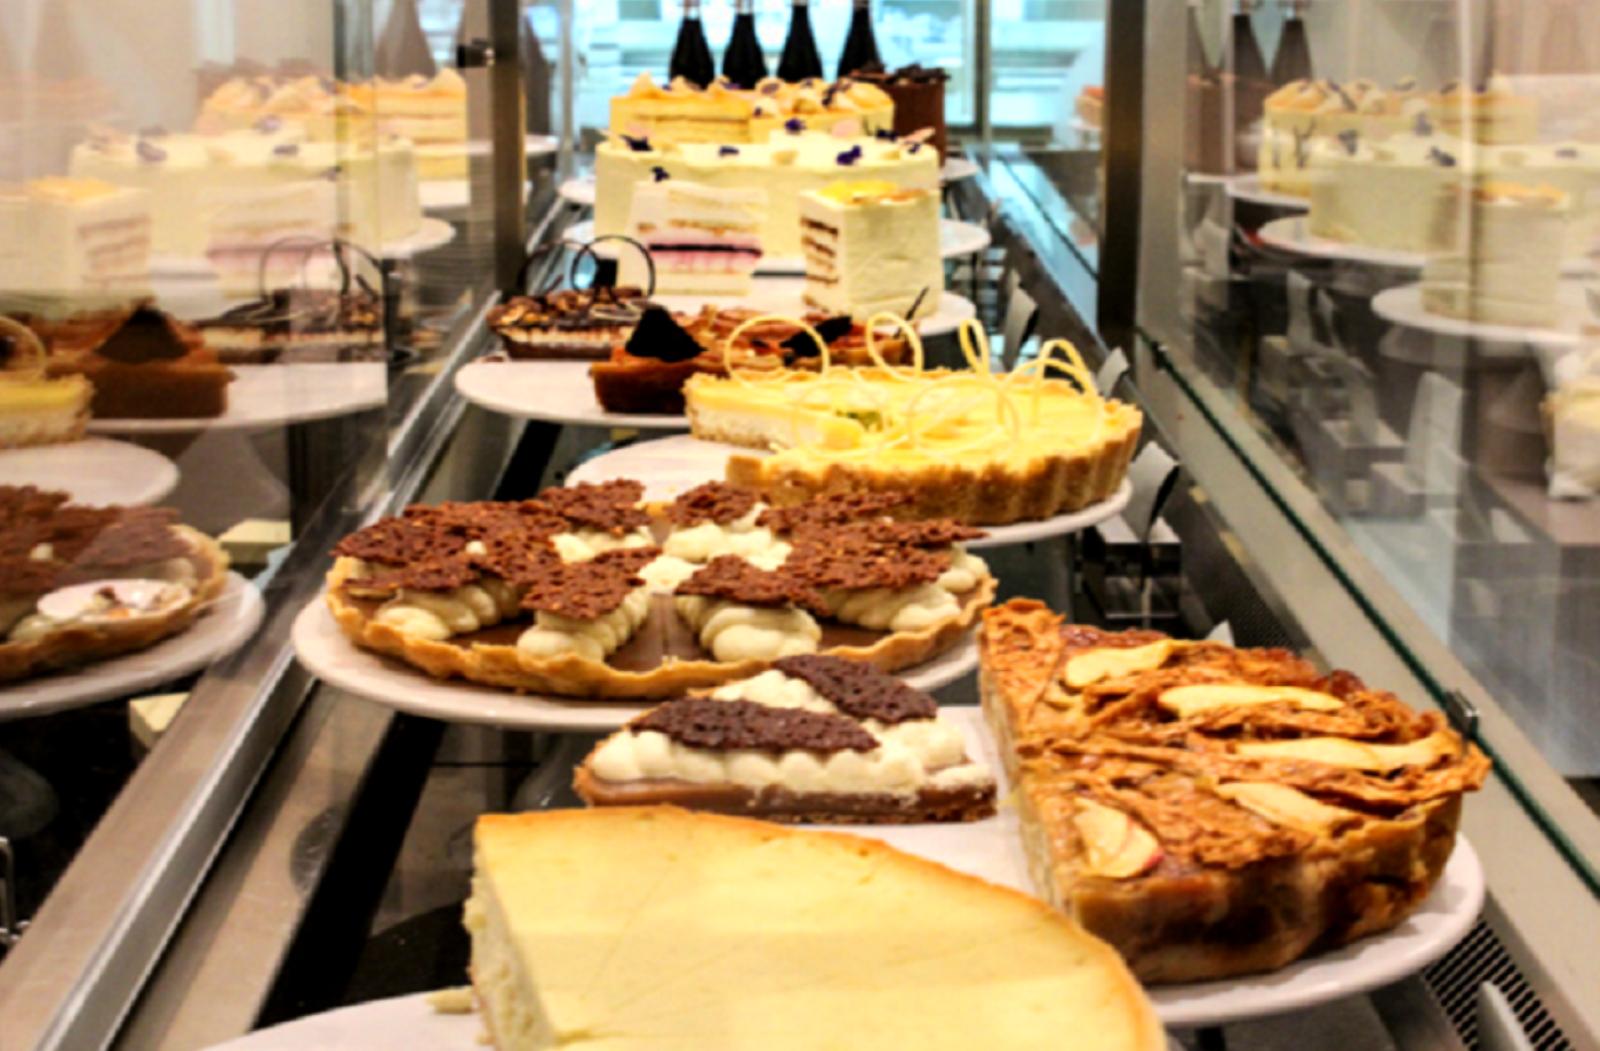 תמונות של העוגות